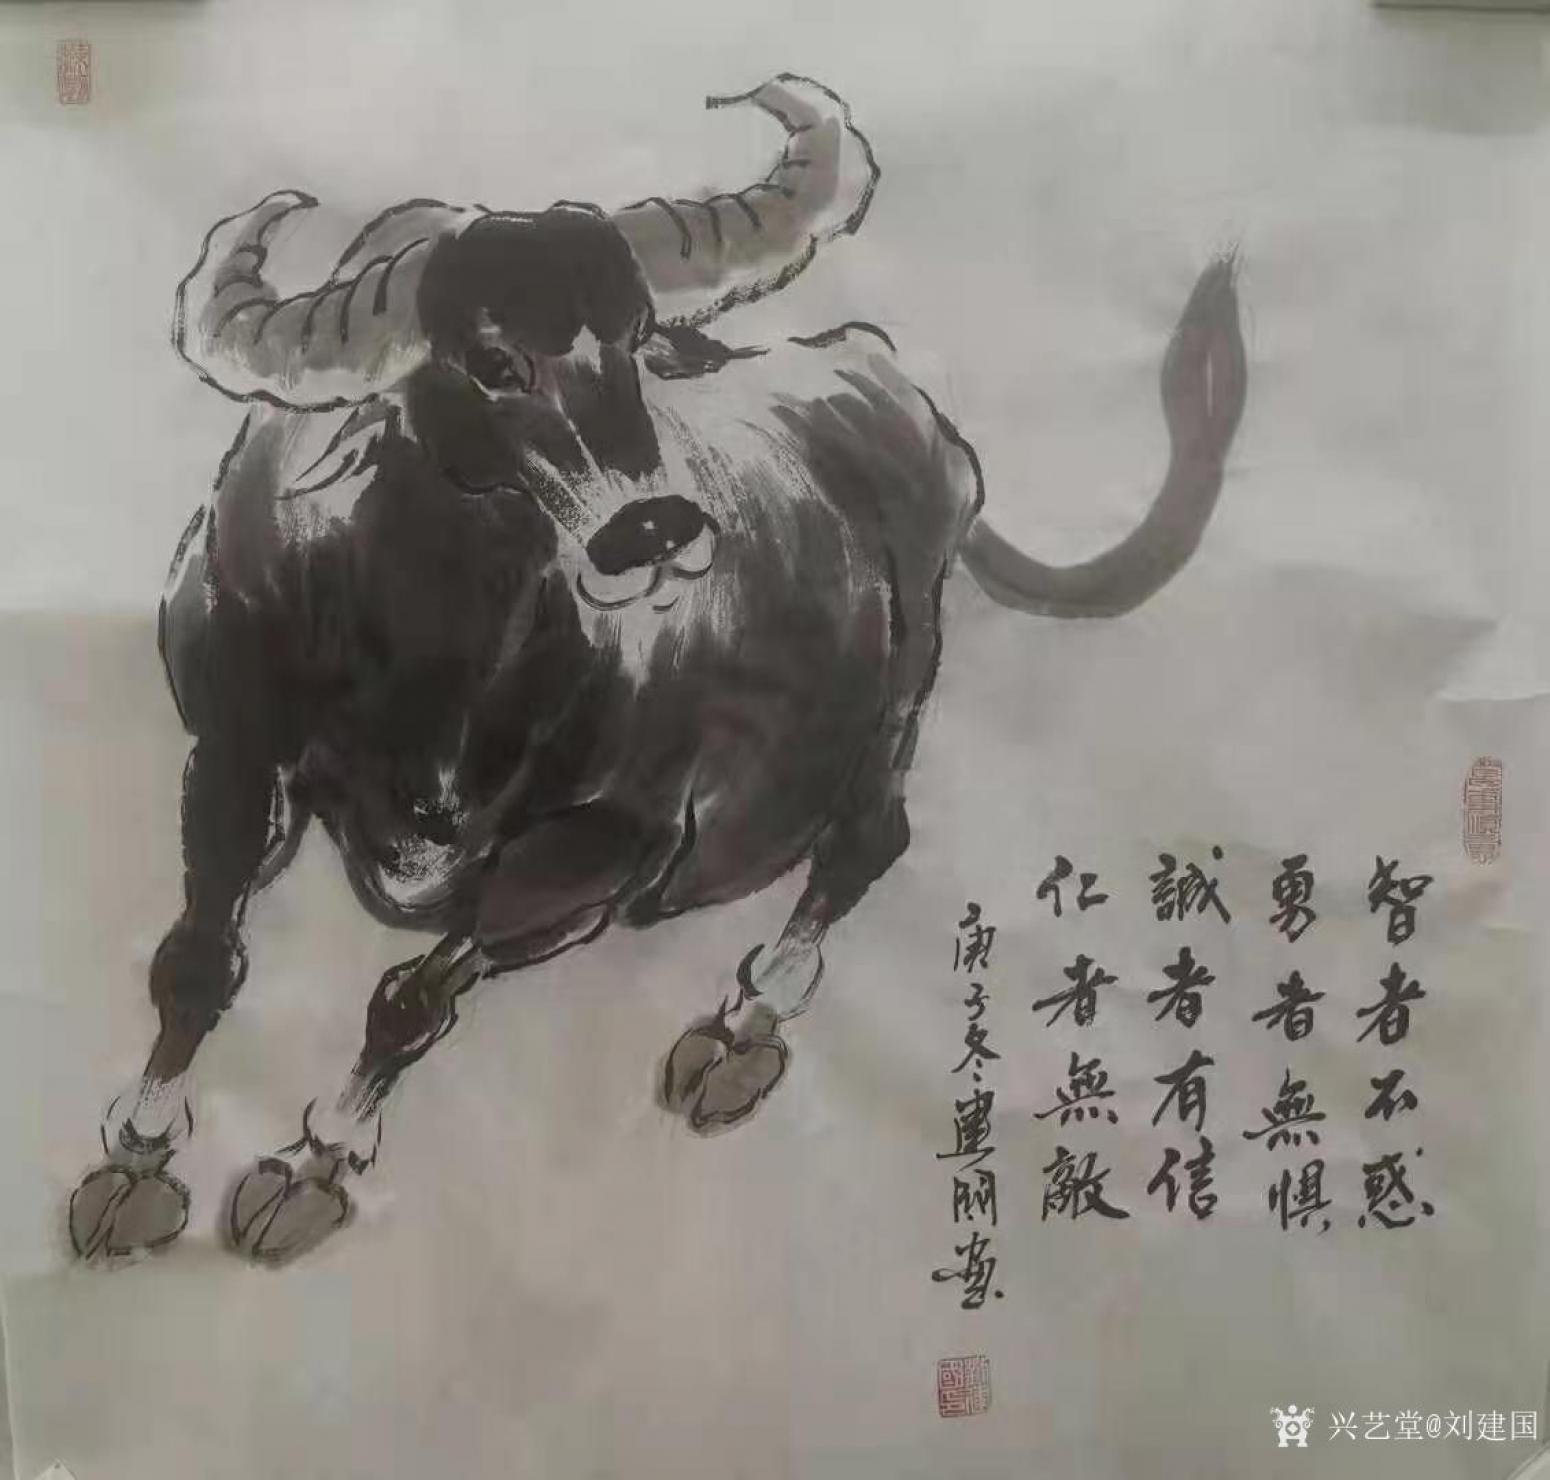 刘建国国画作品《牛-勇者无惧》【图0】